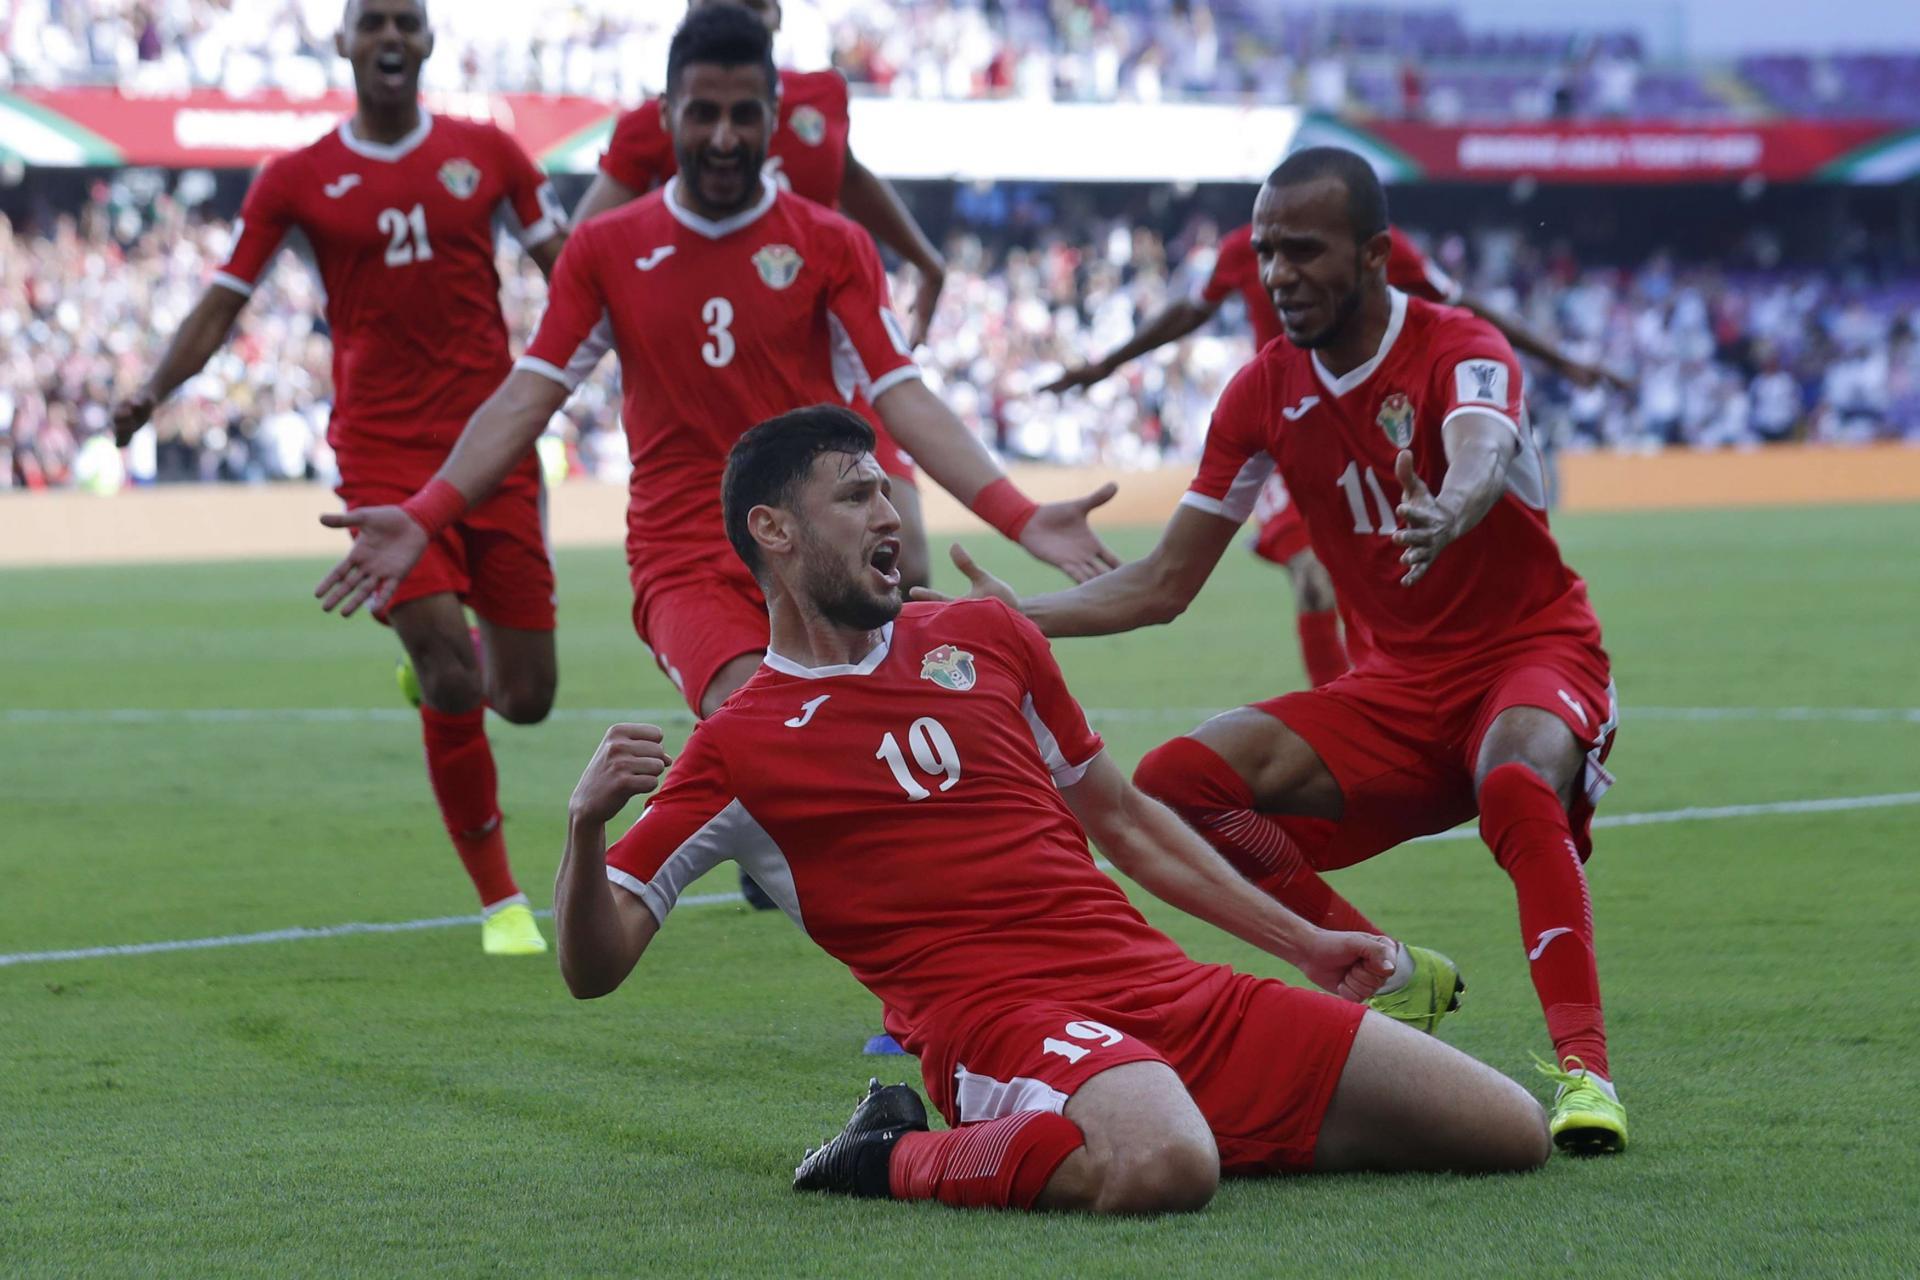 منتخب الأردن يواجه فريق زينيت الروسي في دبي - رياضة - عربية ودولية -  الإمارات اليوم